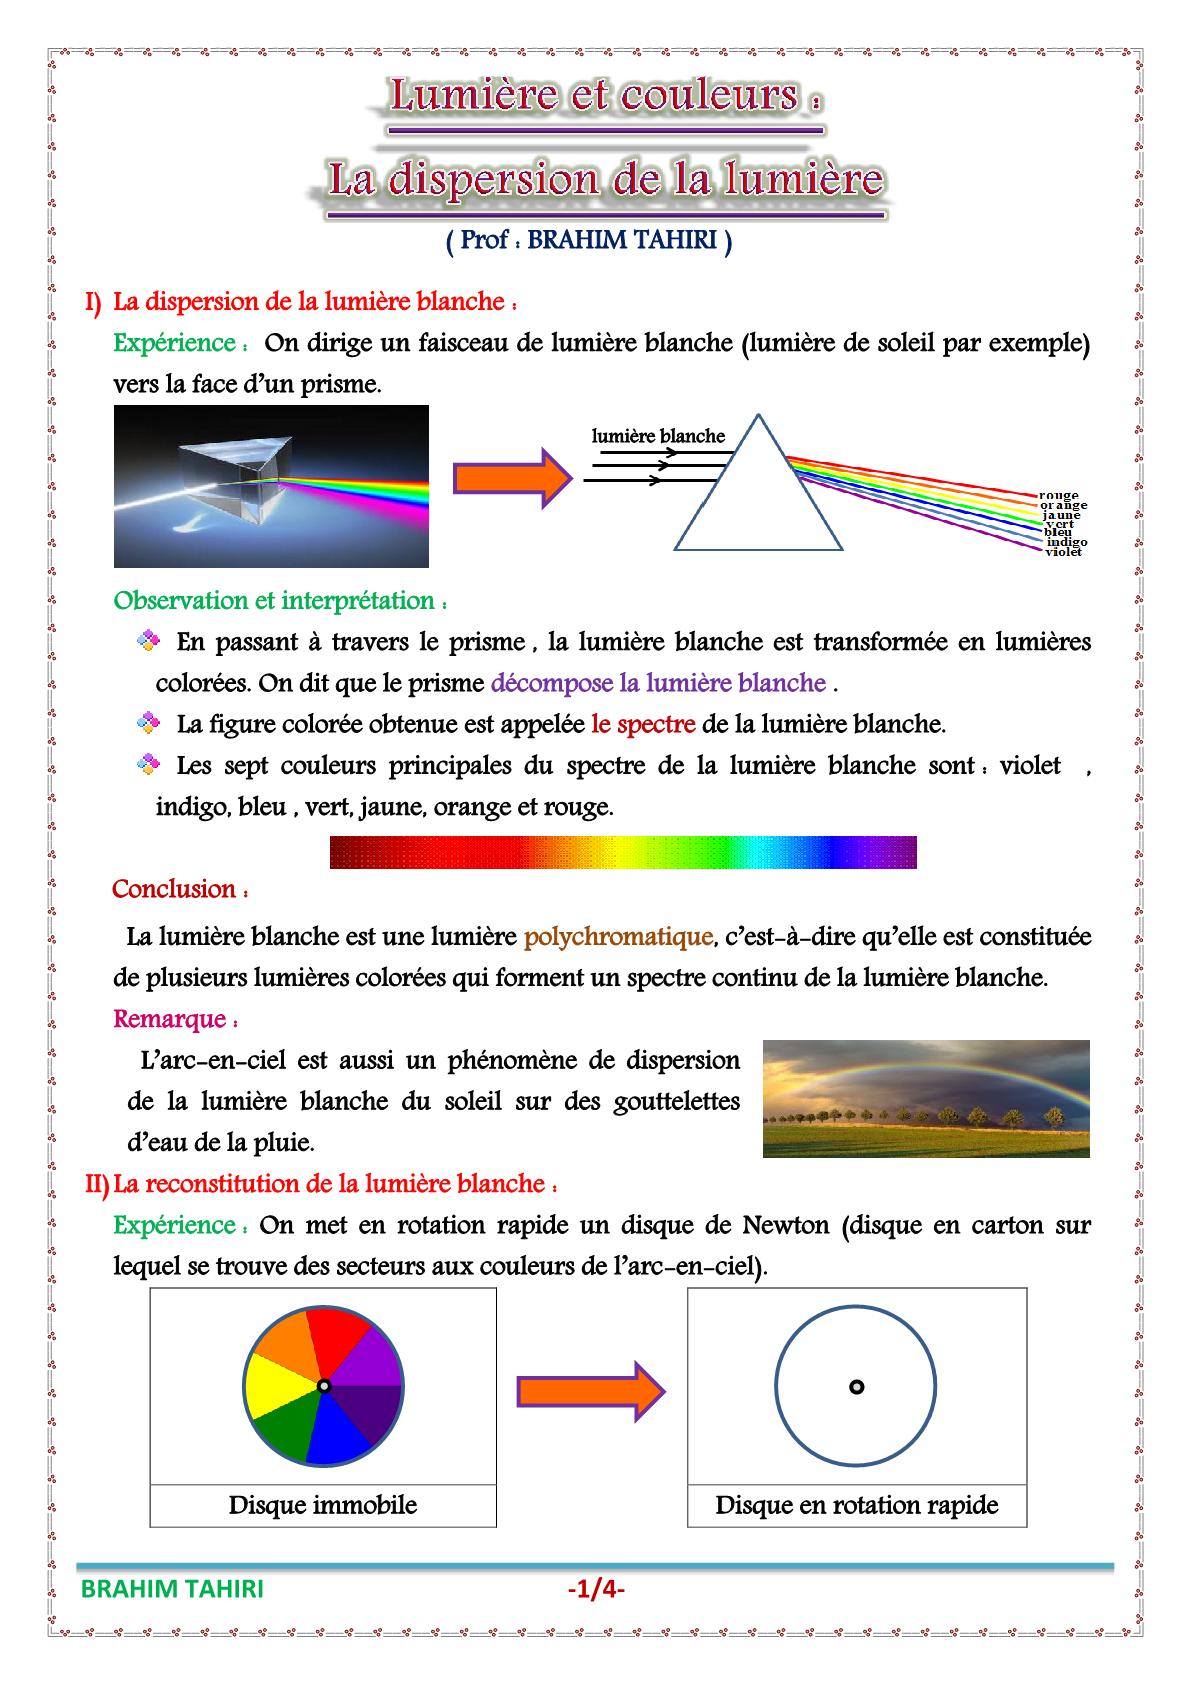 درس Lumière et couleurs  La dispersion de la lumière للسنة الثانية اعدادي